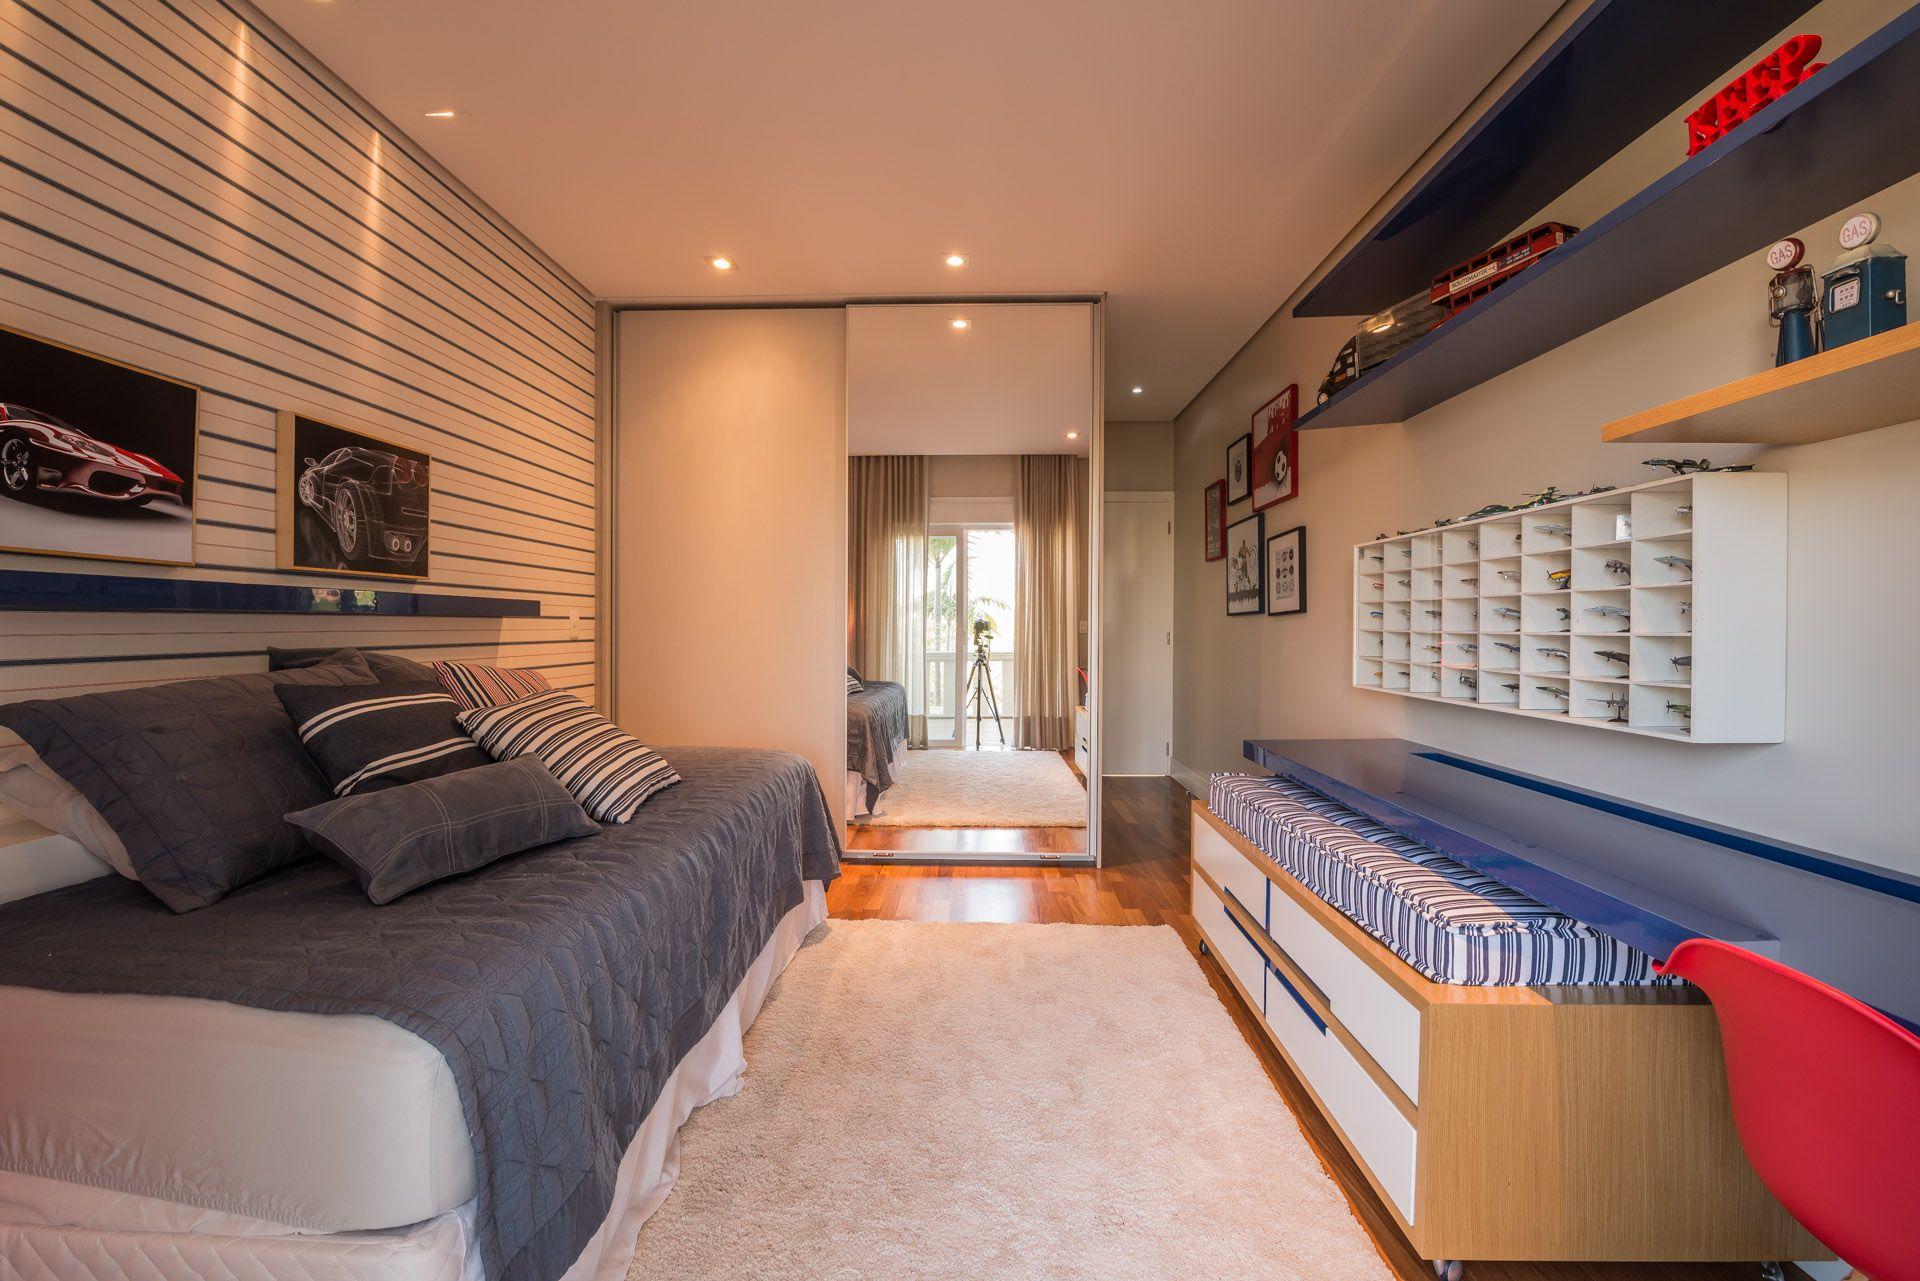 Projeto Juliana Stefanelli Arquitetura Casa Swiss Dormitório Quarto Menino Interior Design Decoração